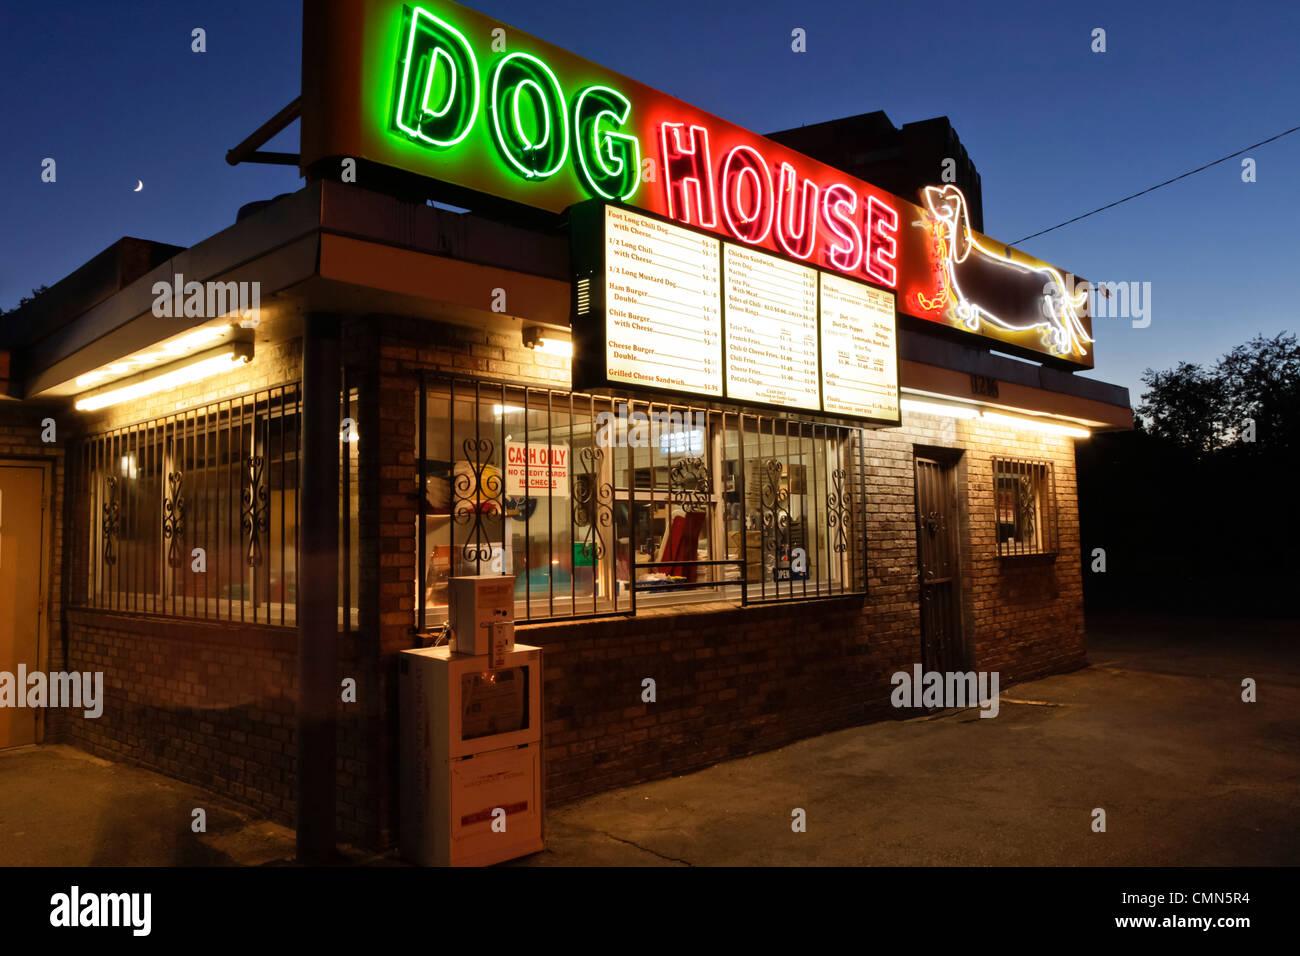 Hot Dogs In Albuquerque